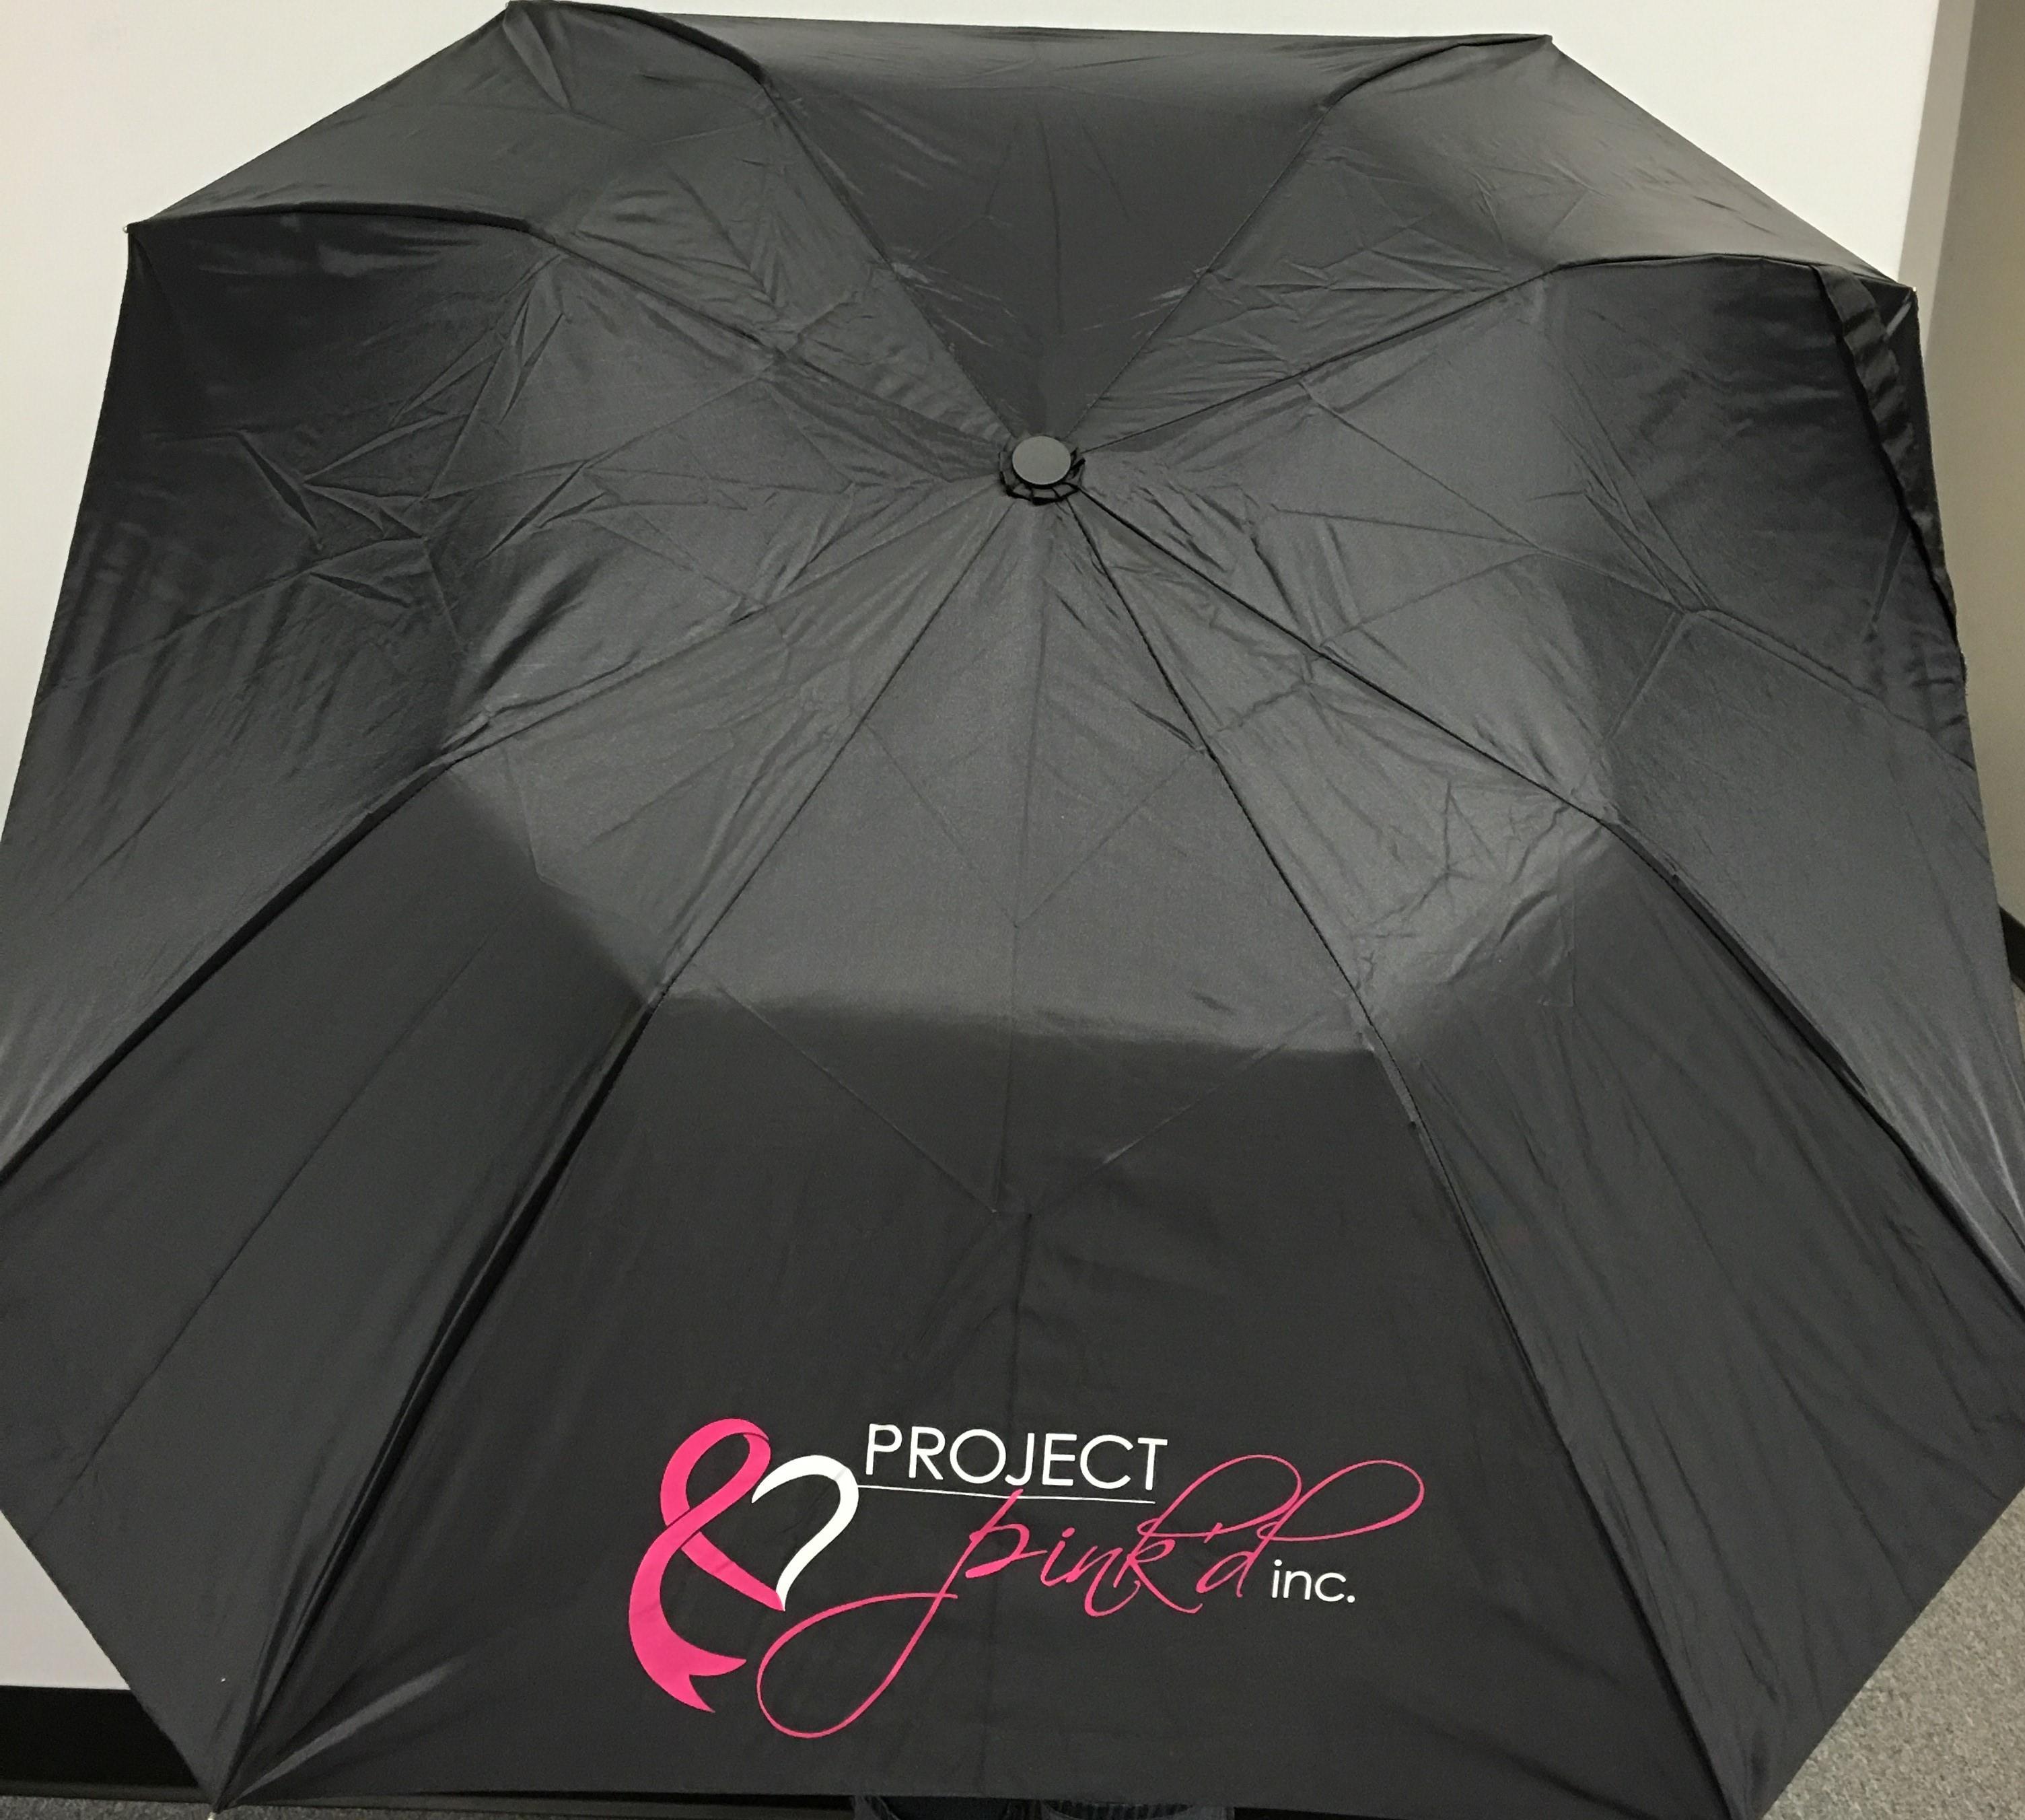 Pink'd Umbrella